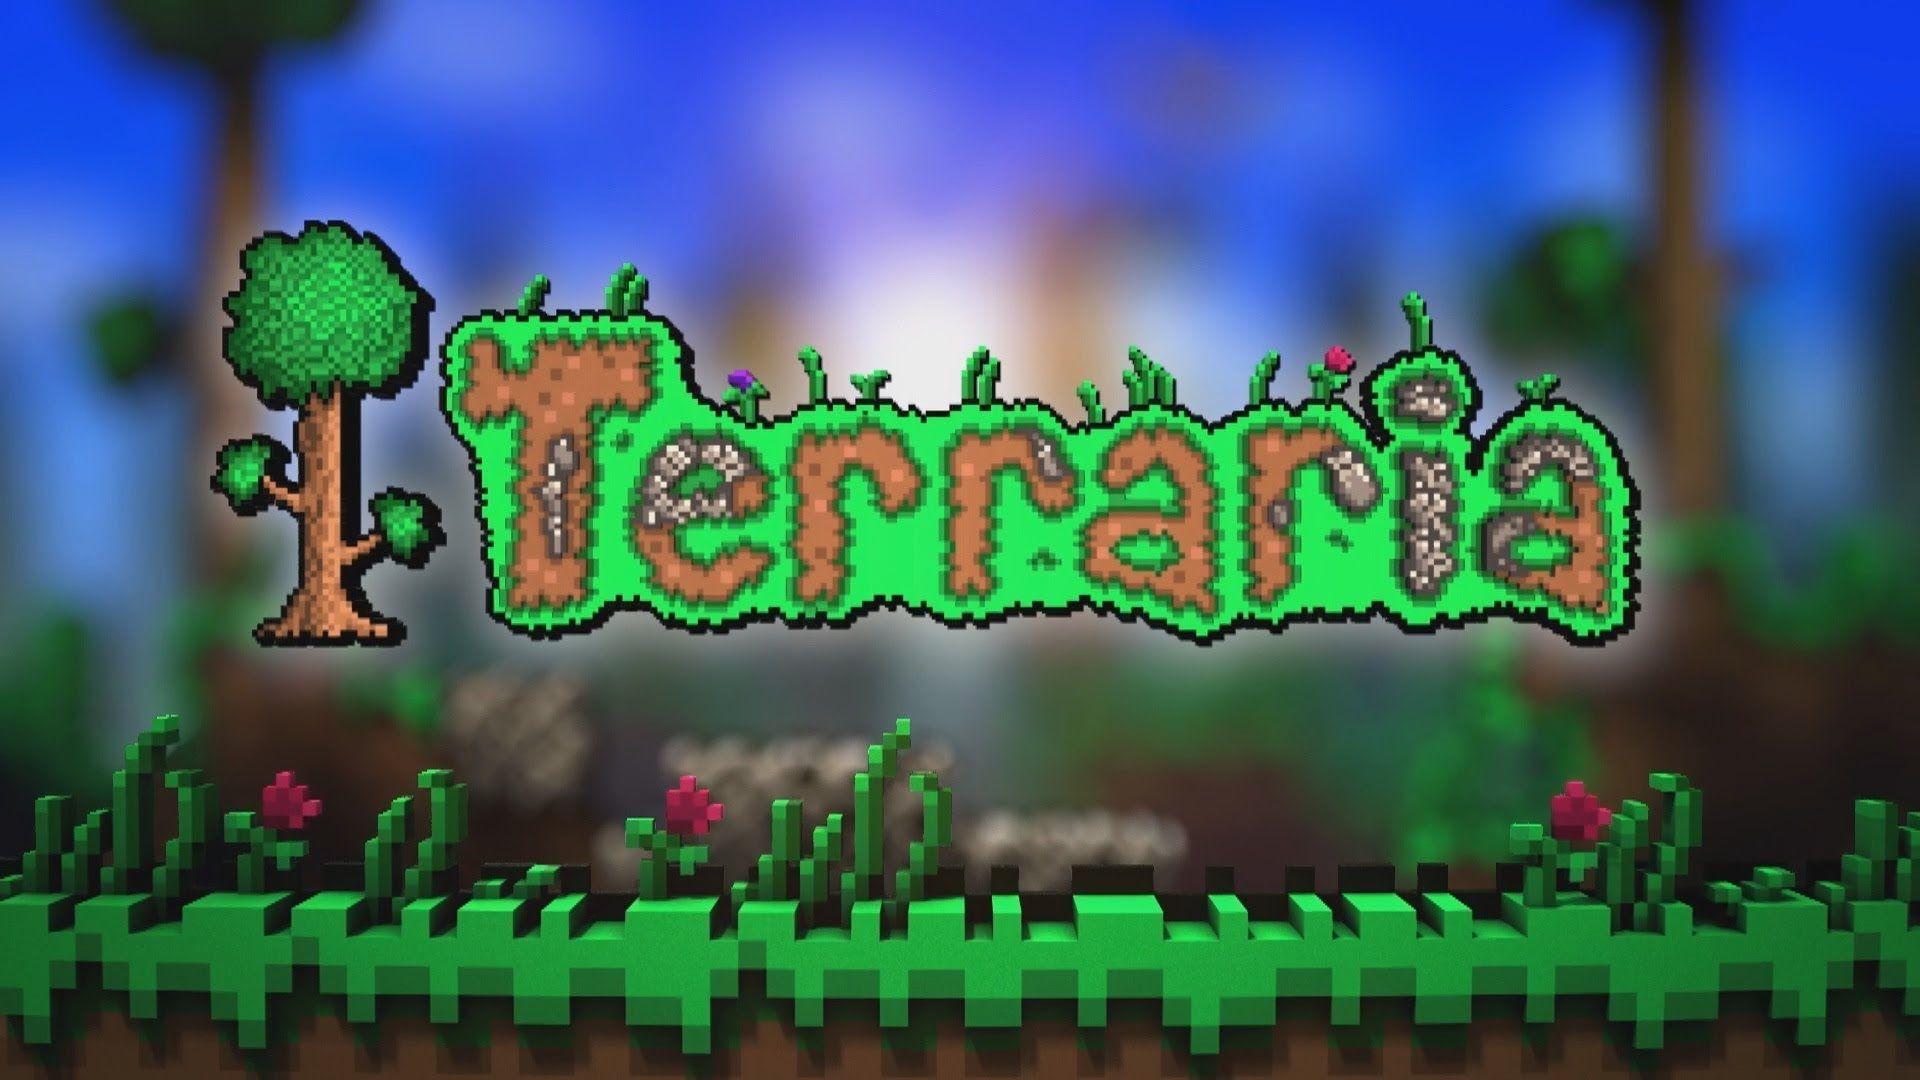 Покупка игры Terraria  в PlayStation Store  Акция 50% #PS4   Терария  ц...